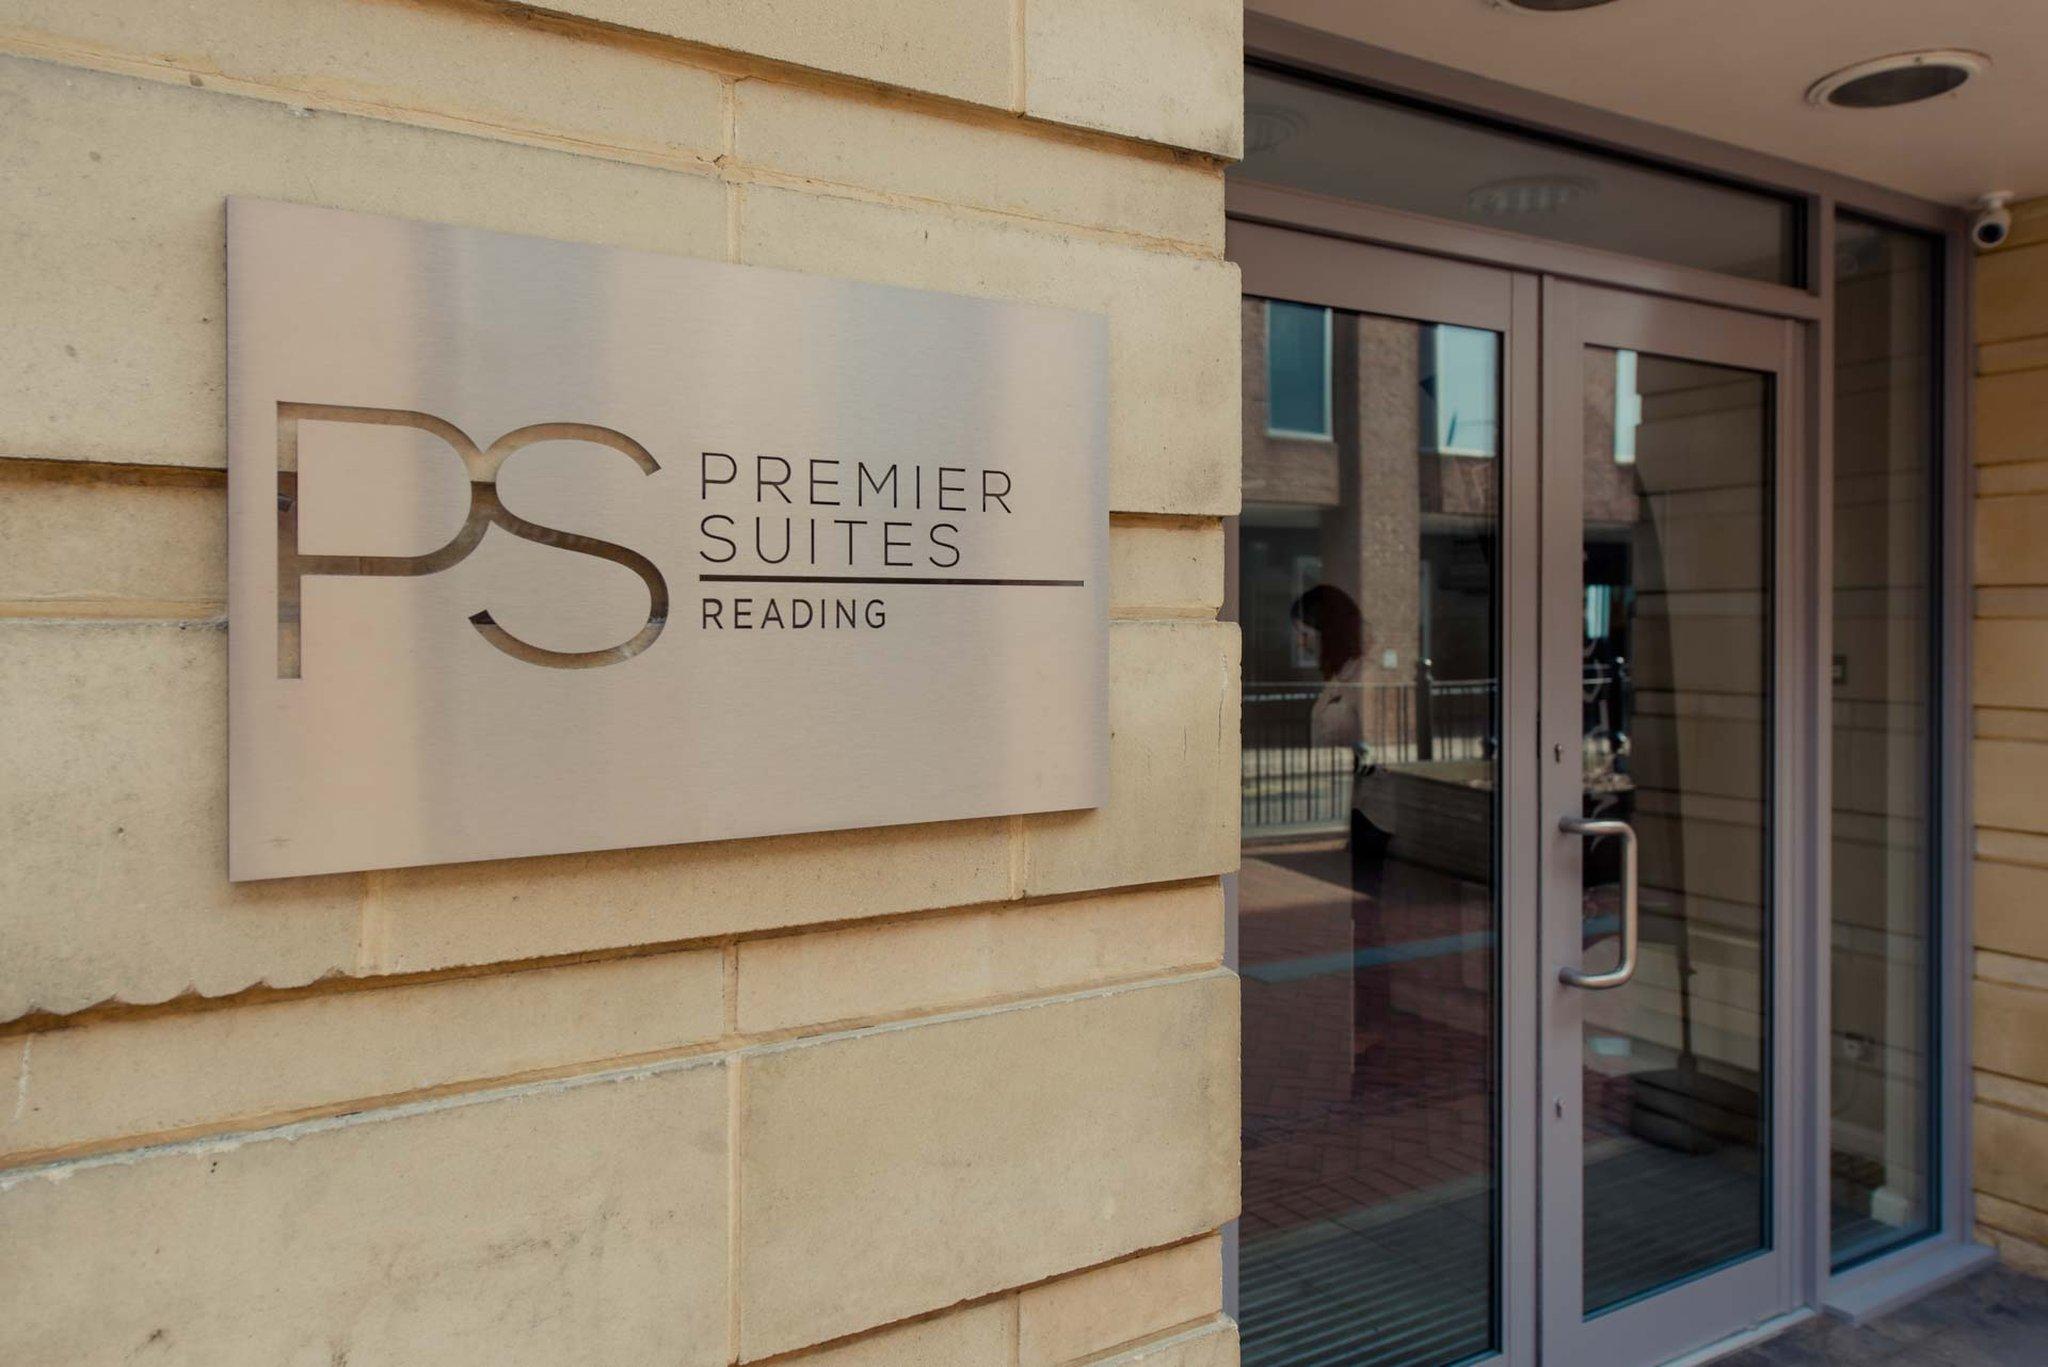 Premier Suites Reading